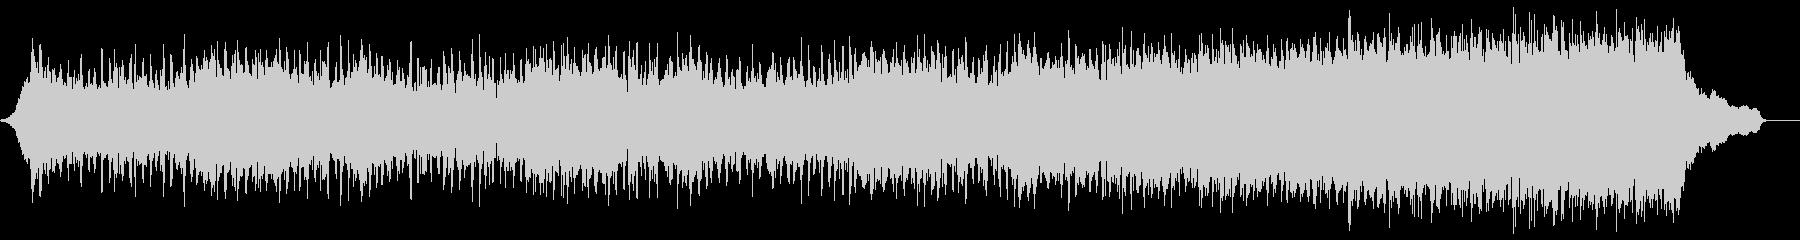 企業VP映像、110オーケストラ、壮大bの未再生の波形